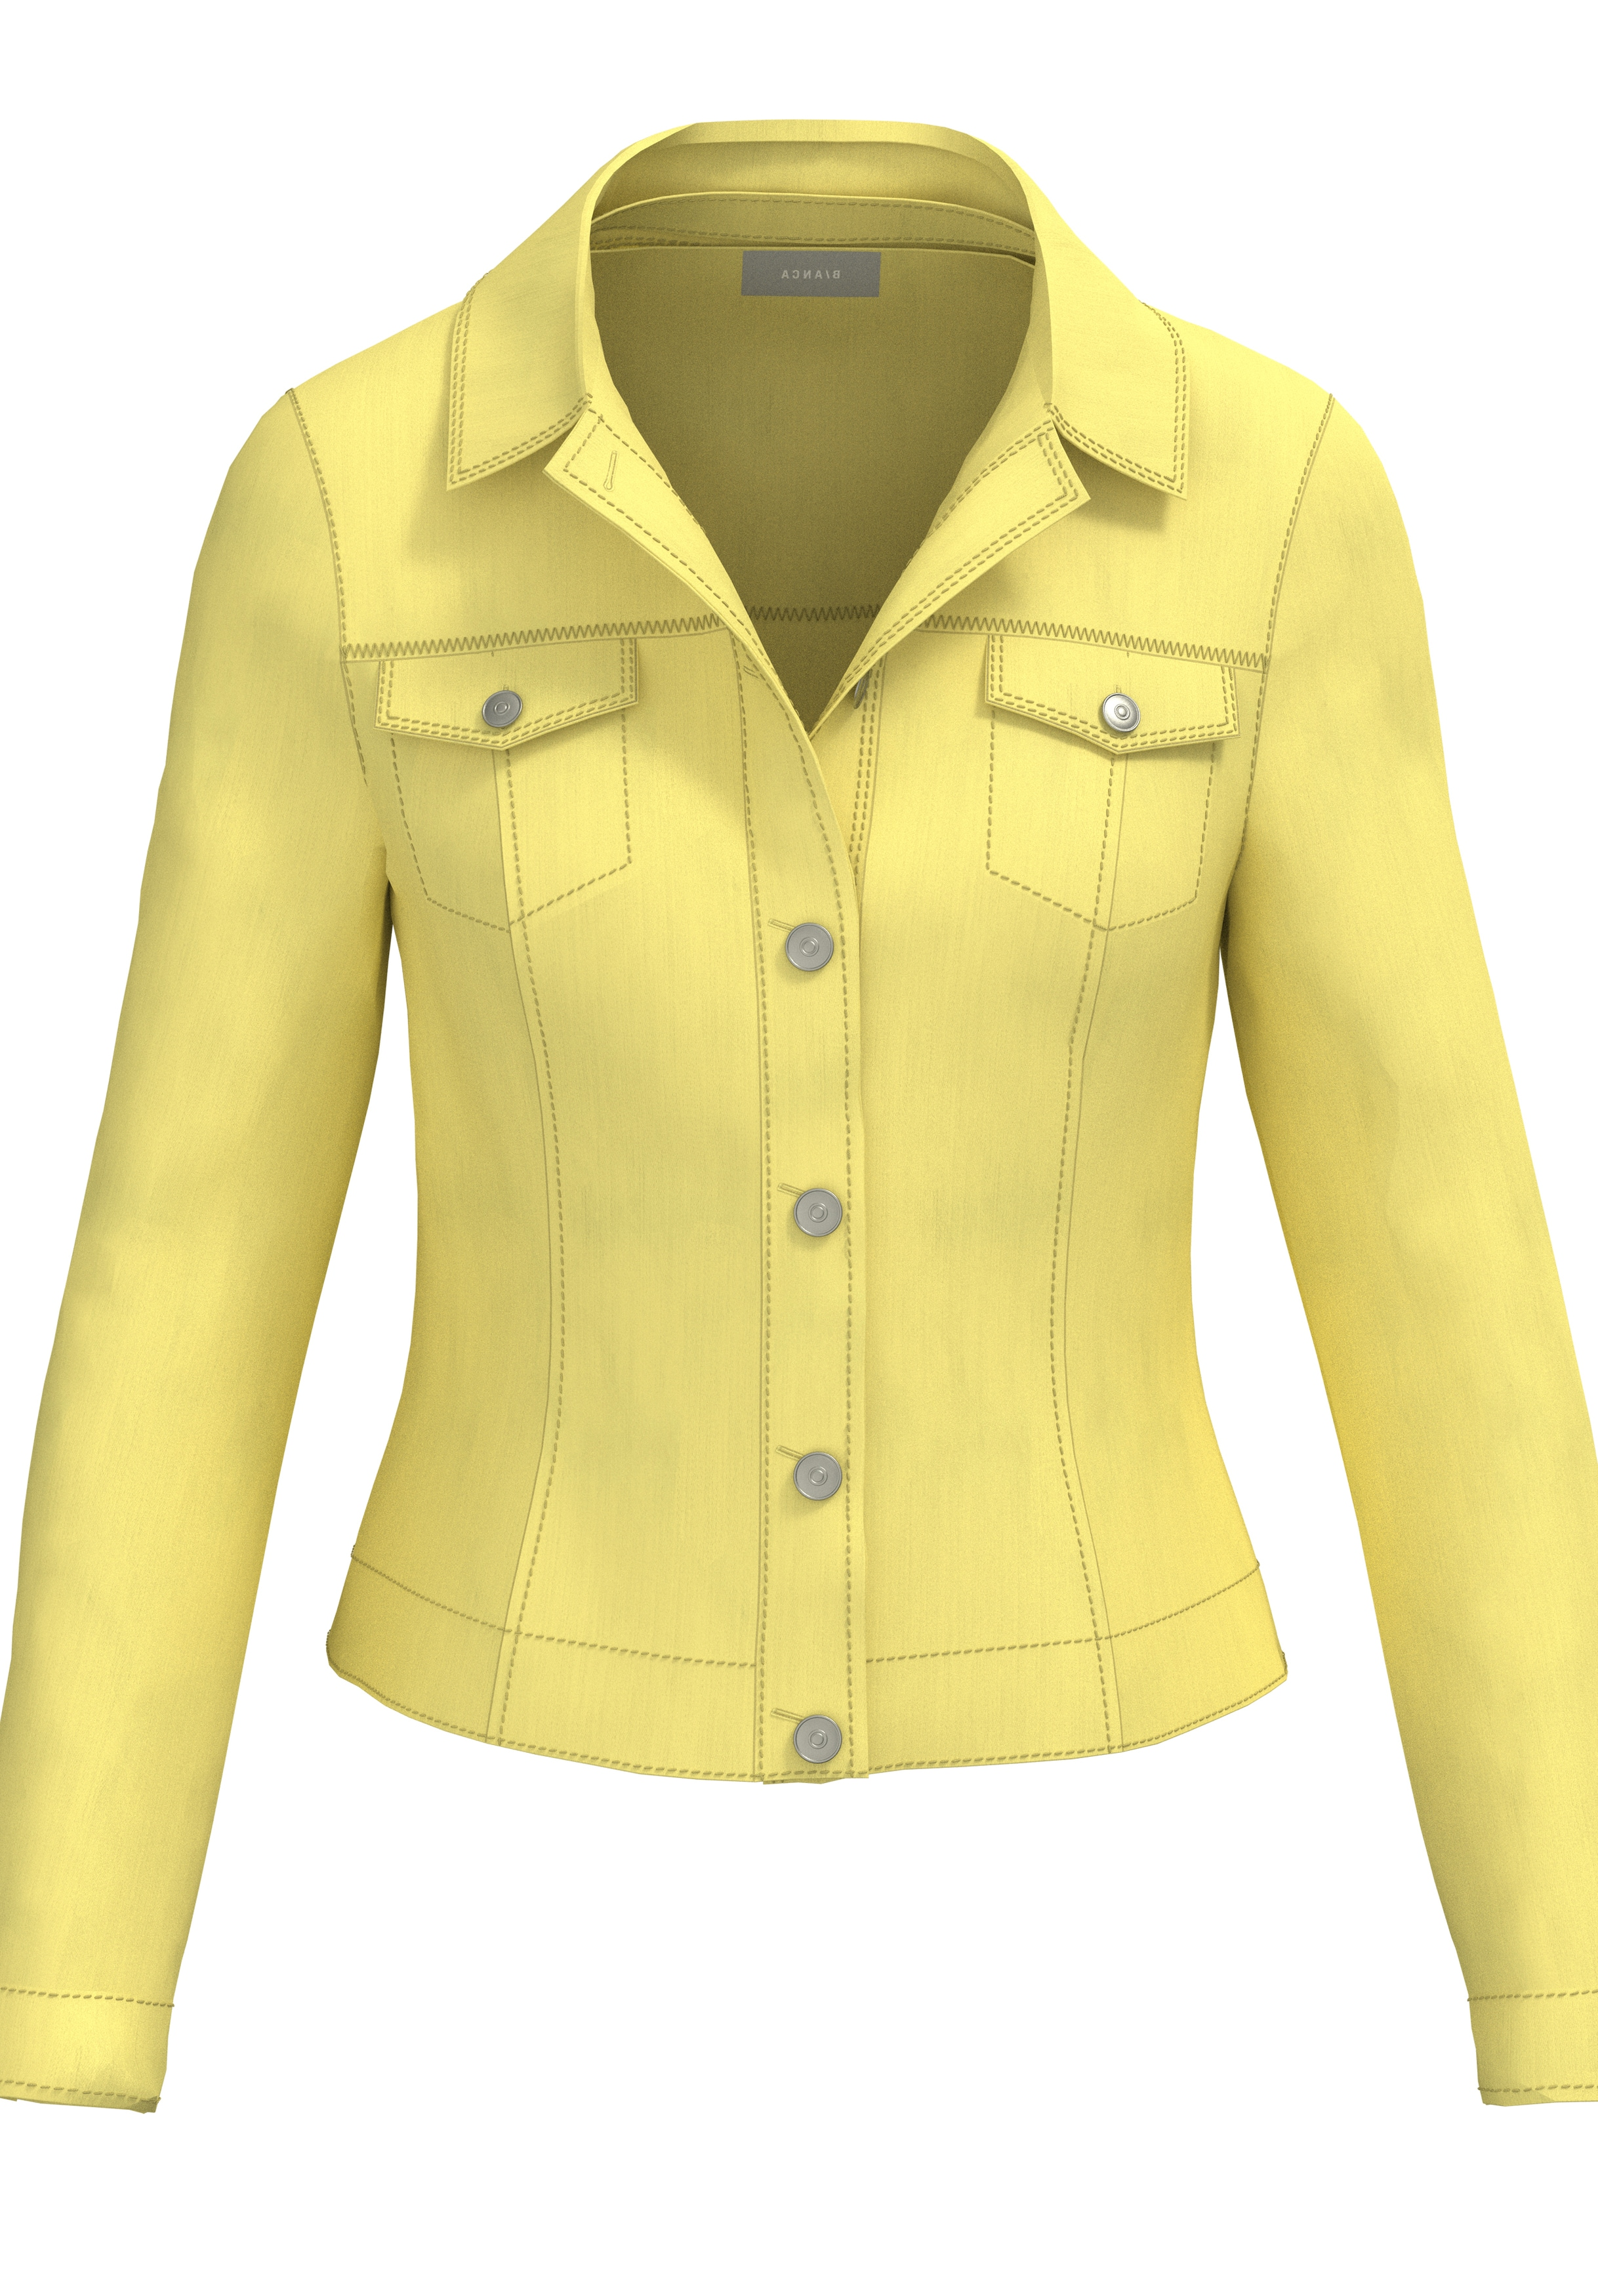 bianca Jeansjacke JUNE, in strahlender, sommerlicher Trendfarbe